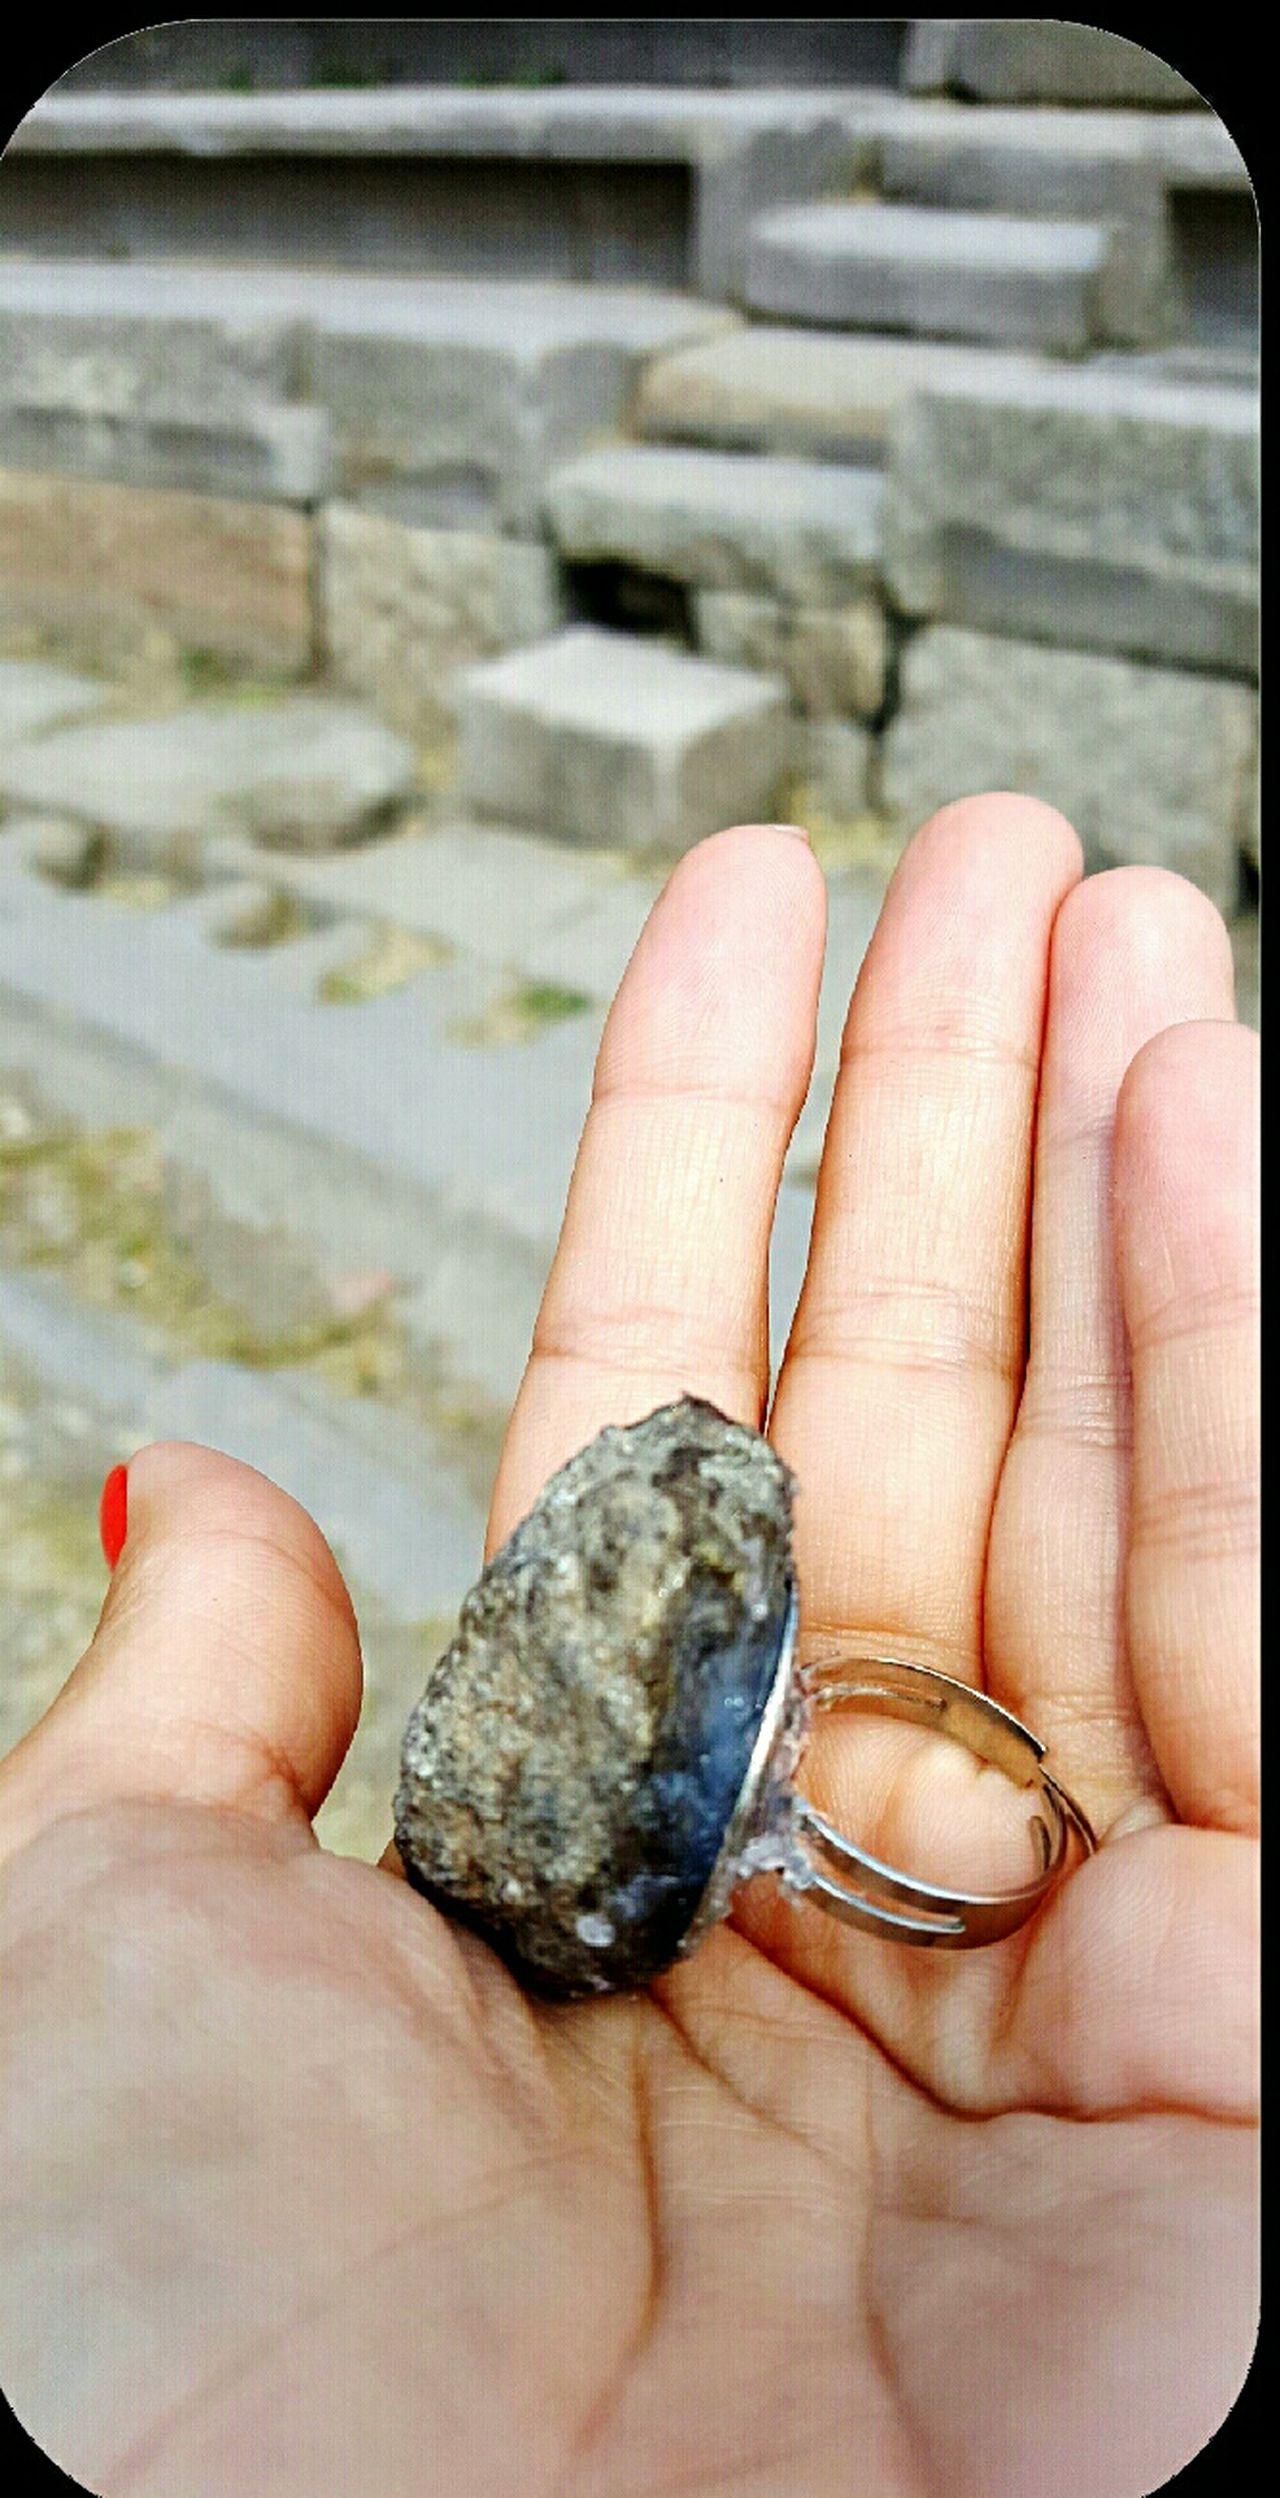 Assos Çanakkale-Turkiye Antik Kent Antik Theater Antiktiyatro Tasdevri Tektaşdevri Tek Taşımı Da Aldım Hadi Hayırlısı 🙈😊😊 Bu Cocuklar Bır Harıka 😘 Rings♥ MyRing Inmyhand Inmyhands